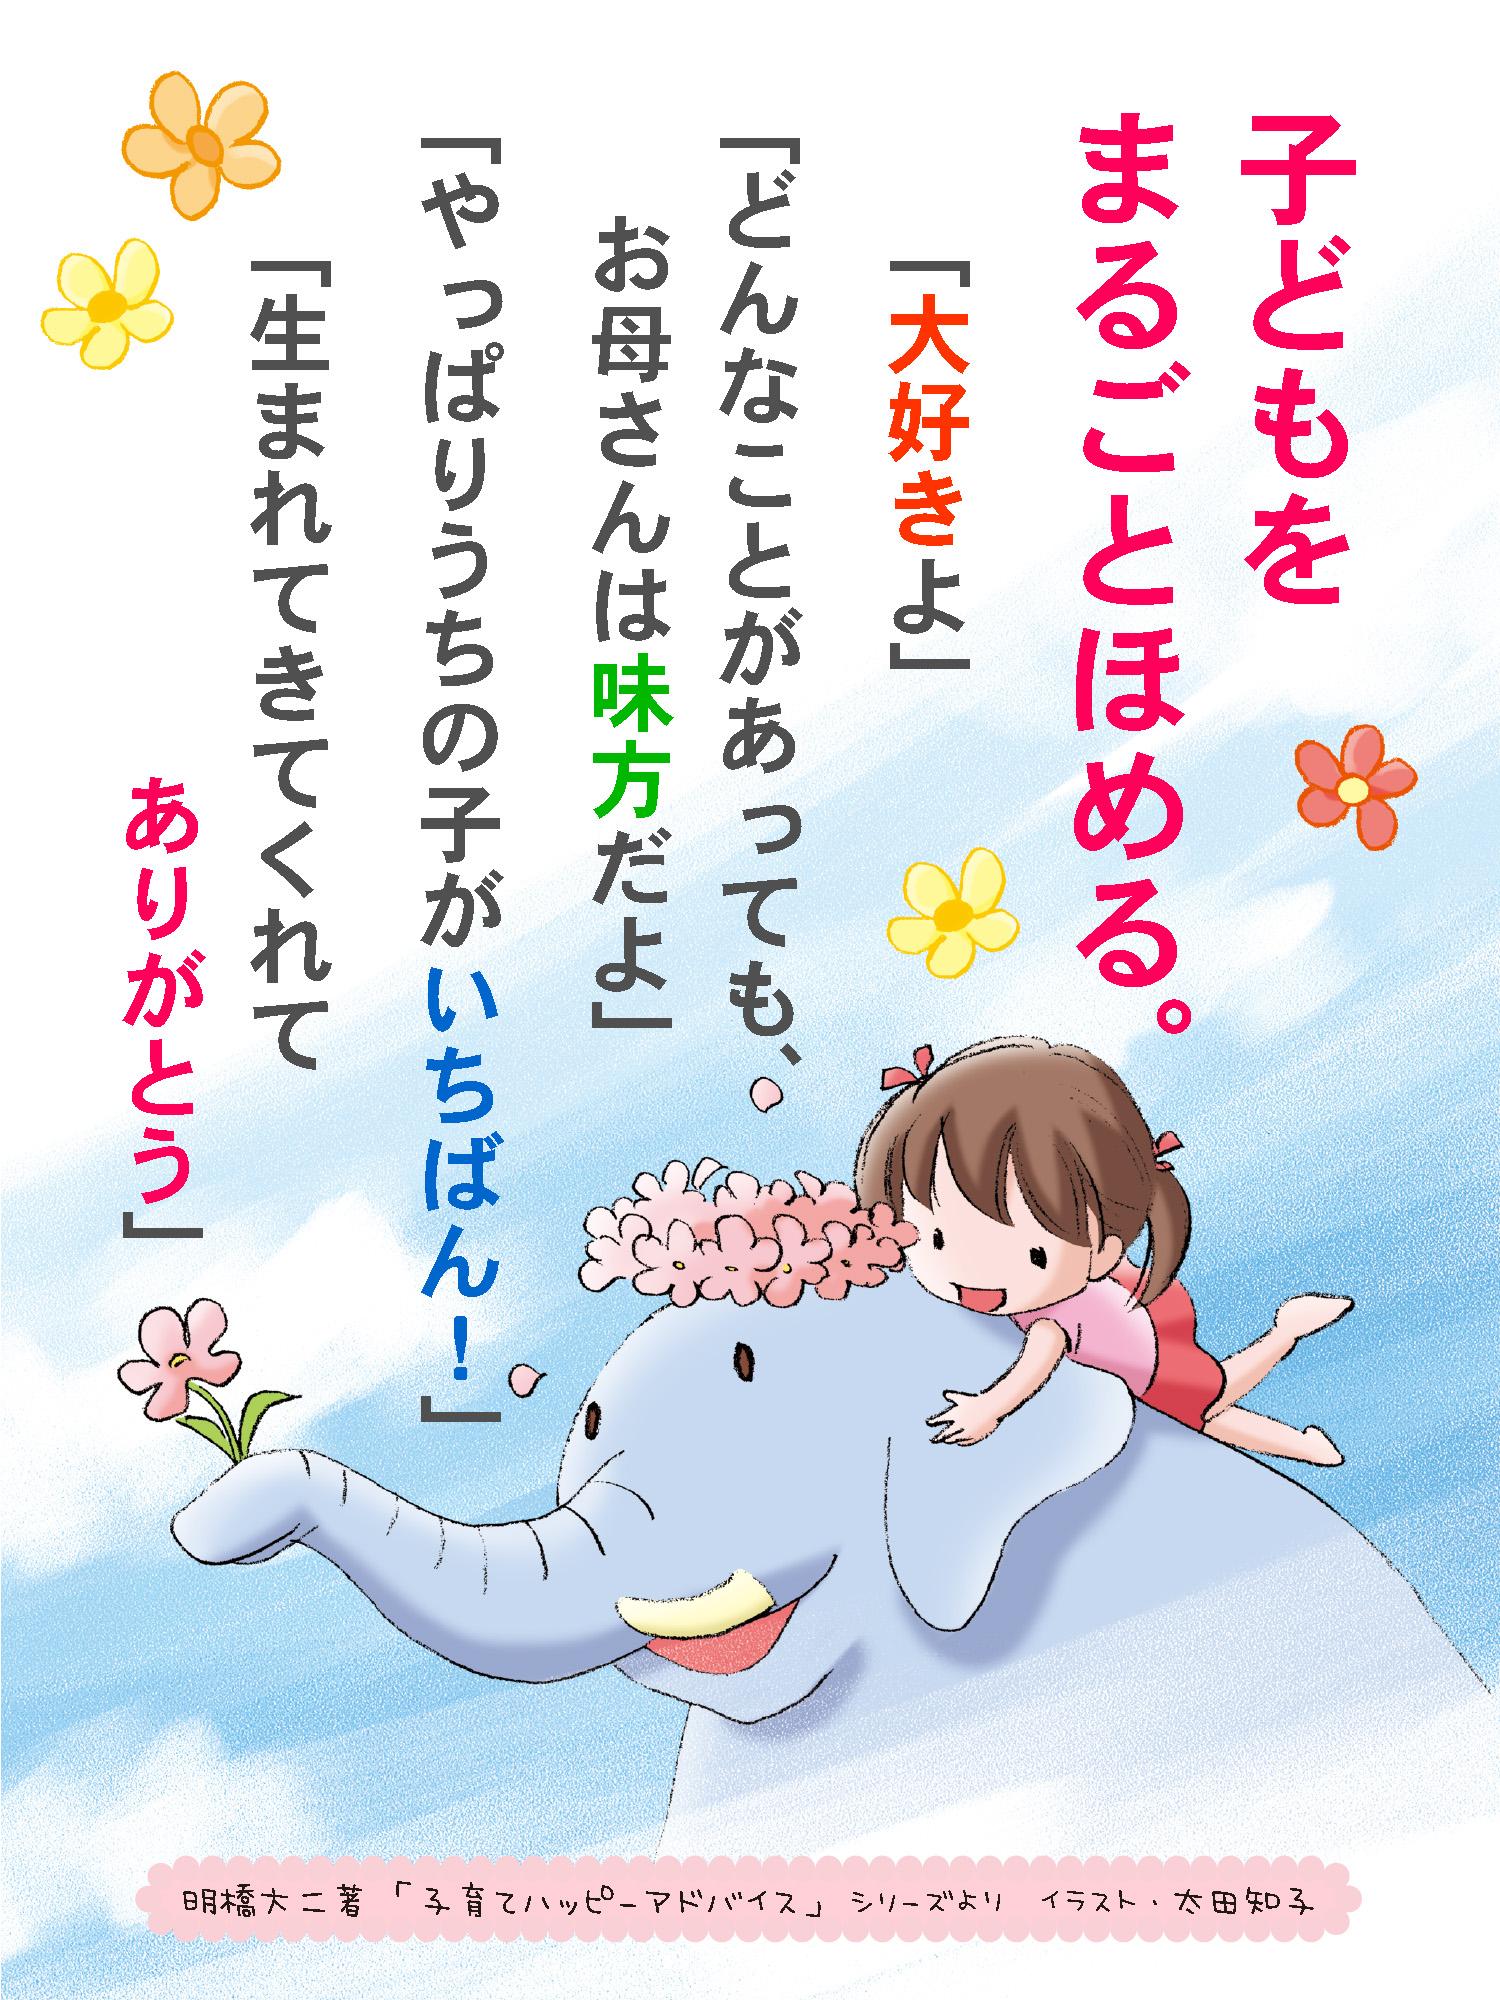 5月21日子育てハッピーメッセージの画像1